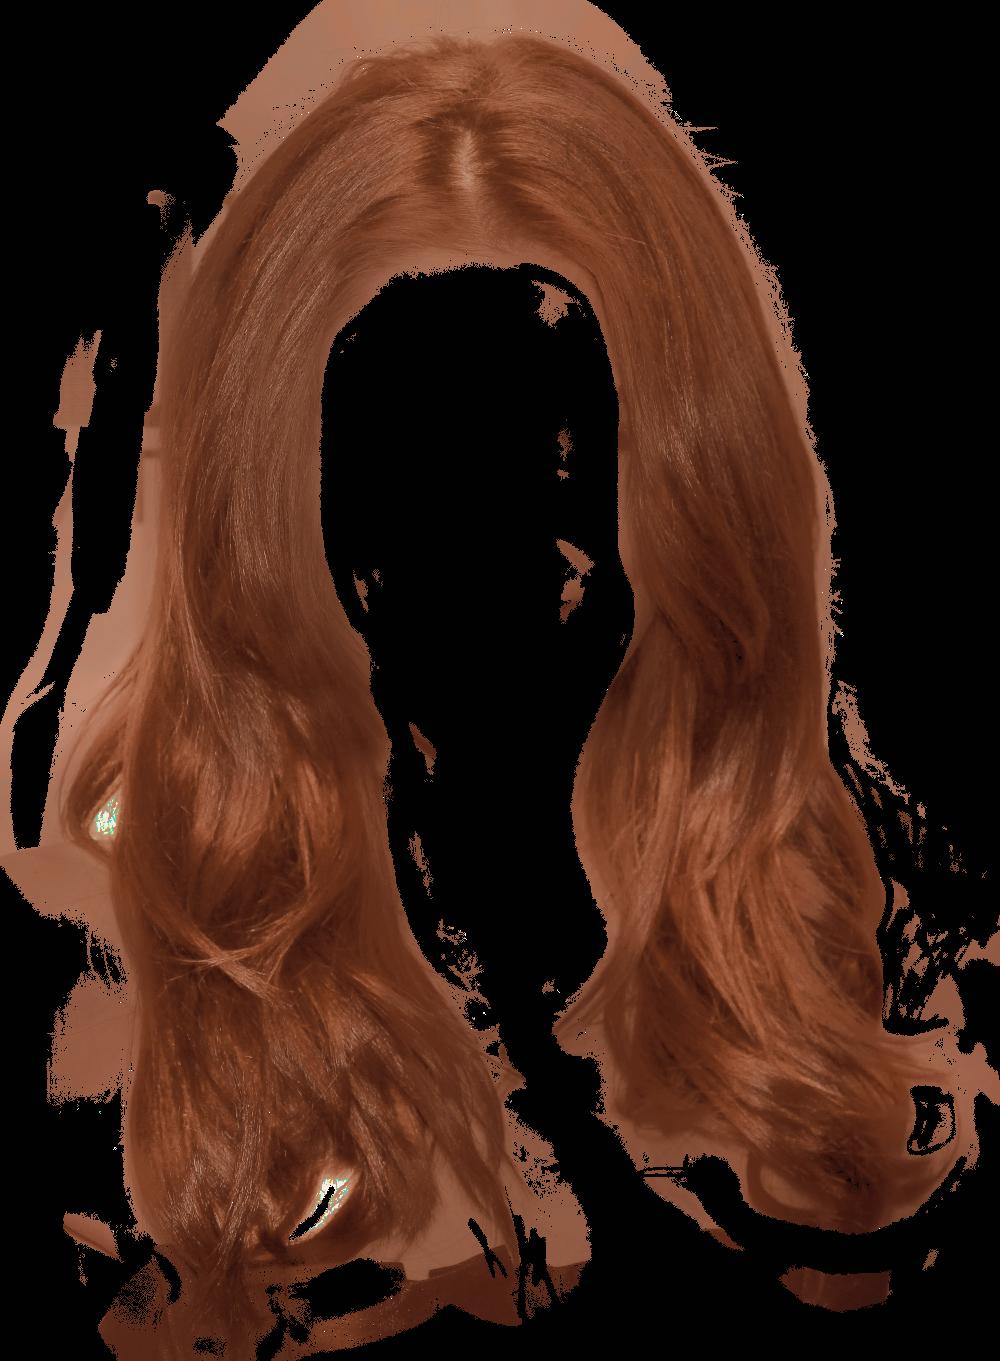 Women Hair Png Image Hair Png Hair Humor Womens Hairstyles